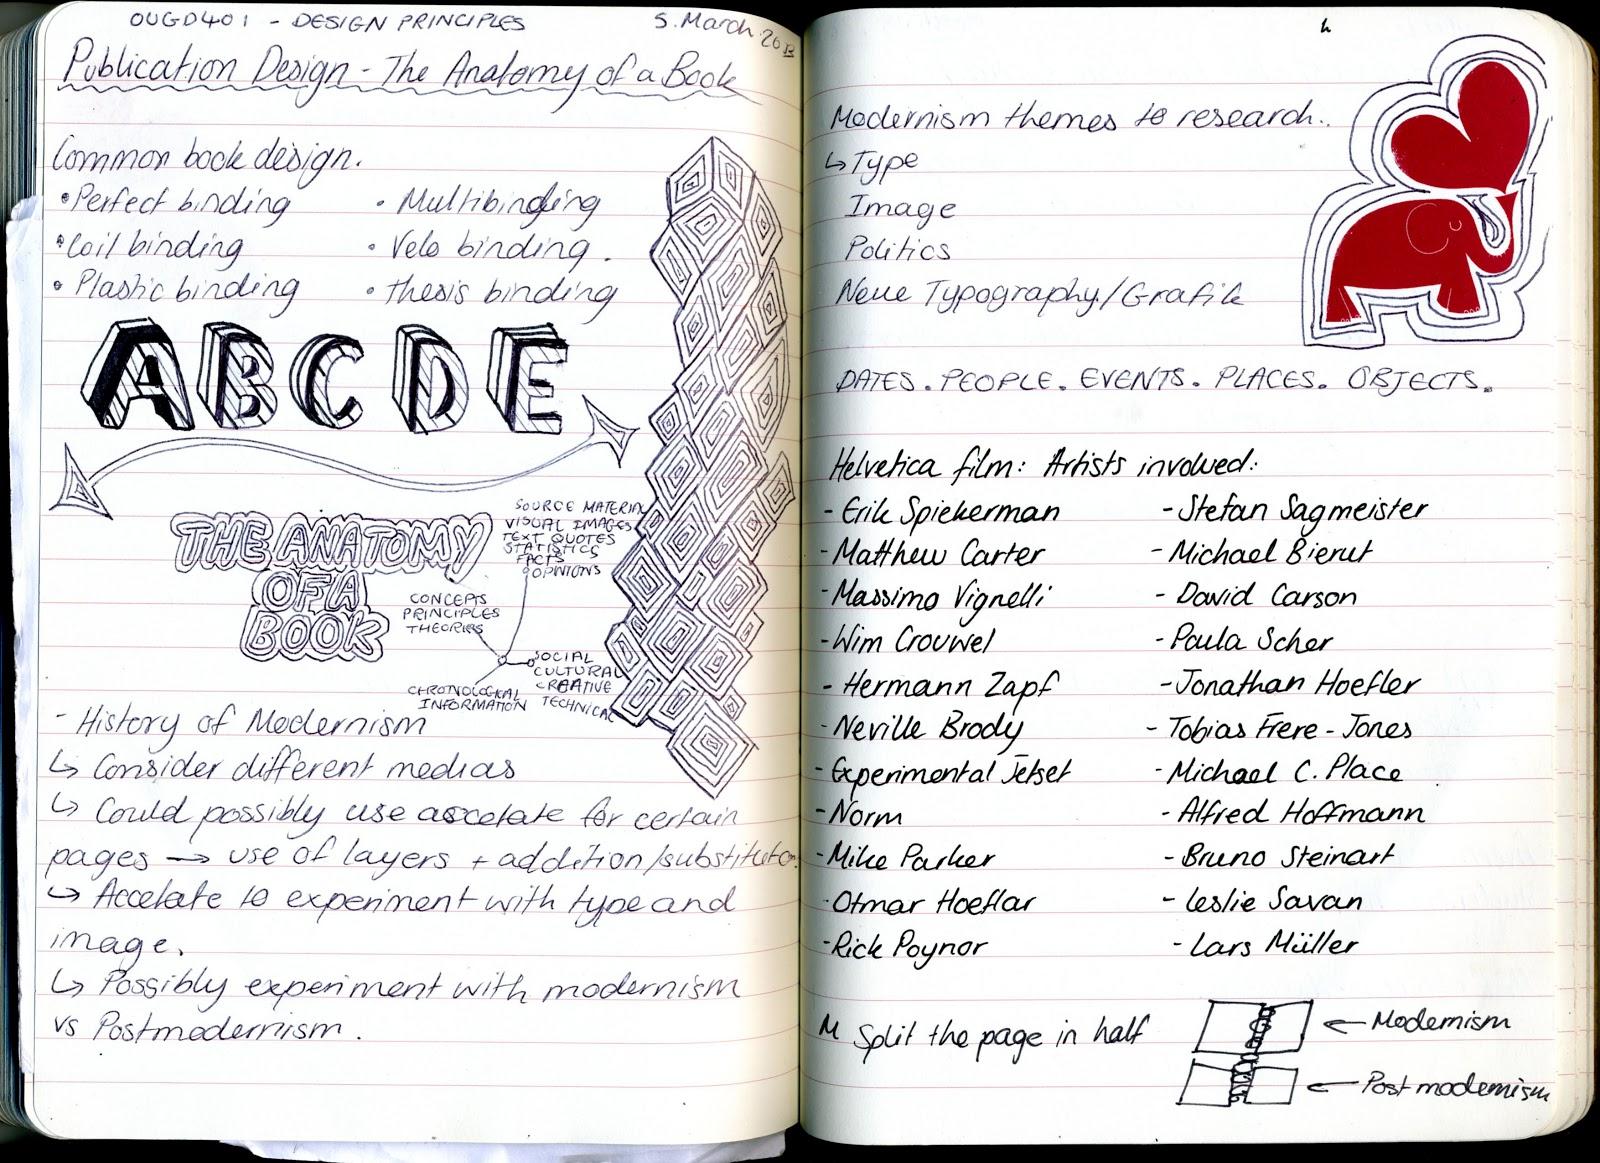 Penguin Book Cover History : Design context a brief history penguin book covers